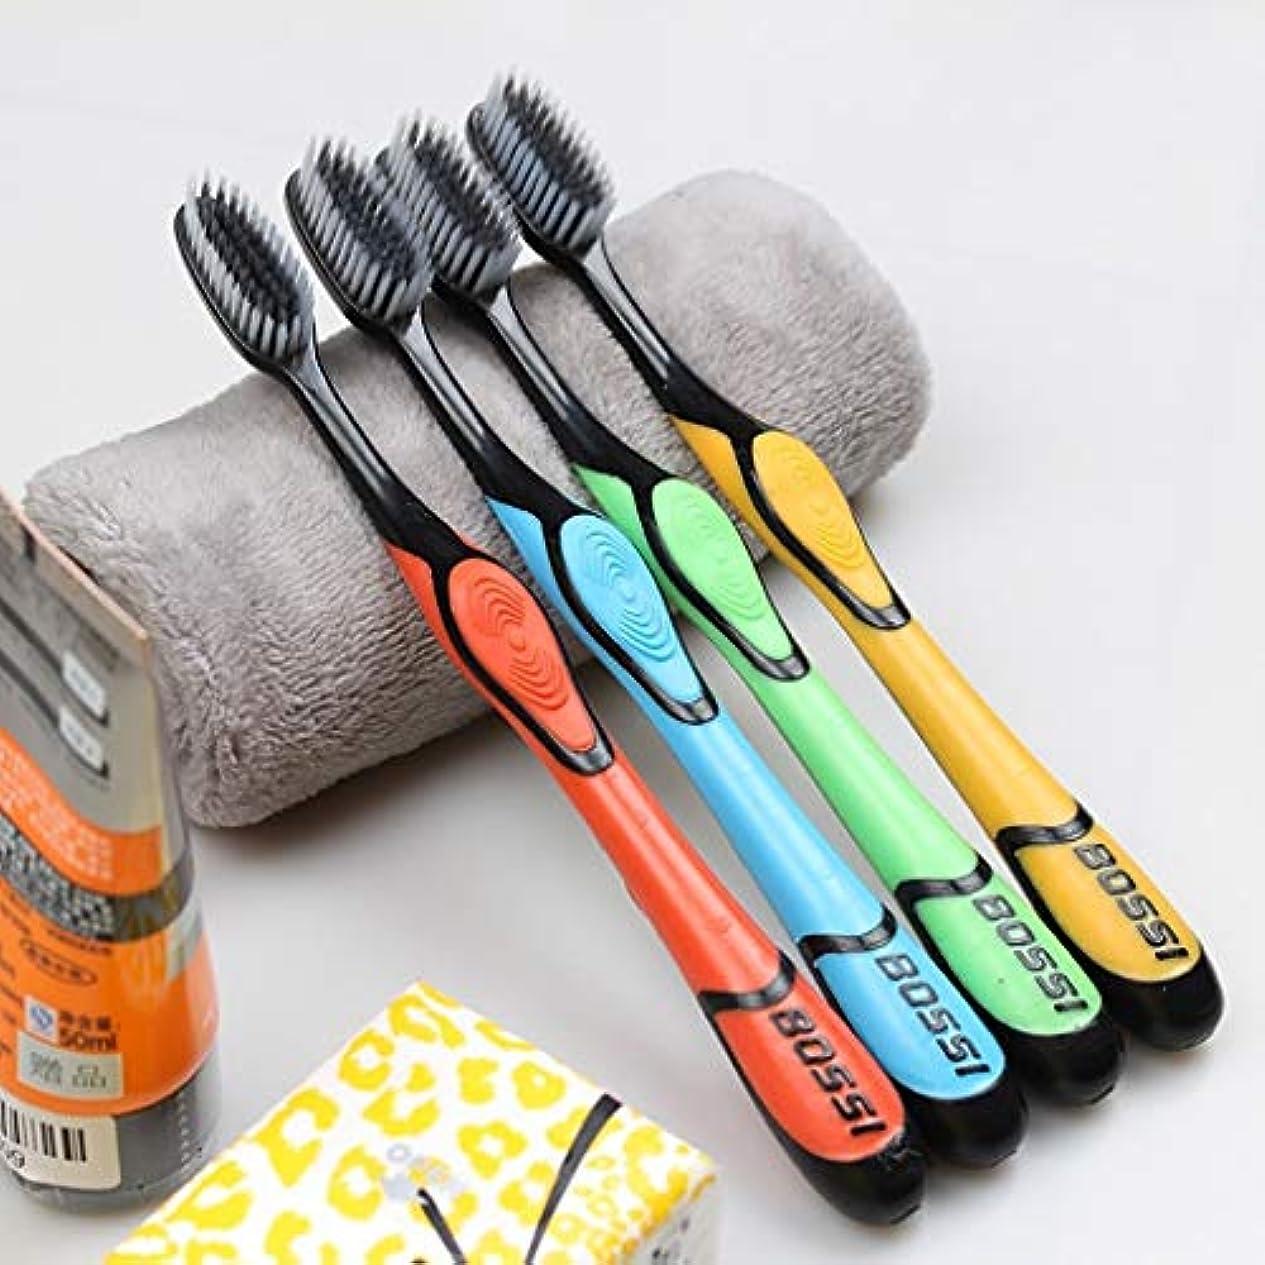 アーネストシャクルトンメッシュマウントバンク竹炭の歯ブラシ、滑り止めの高品質PPハンドル、10パック